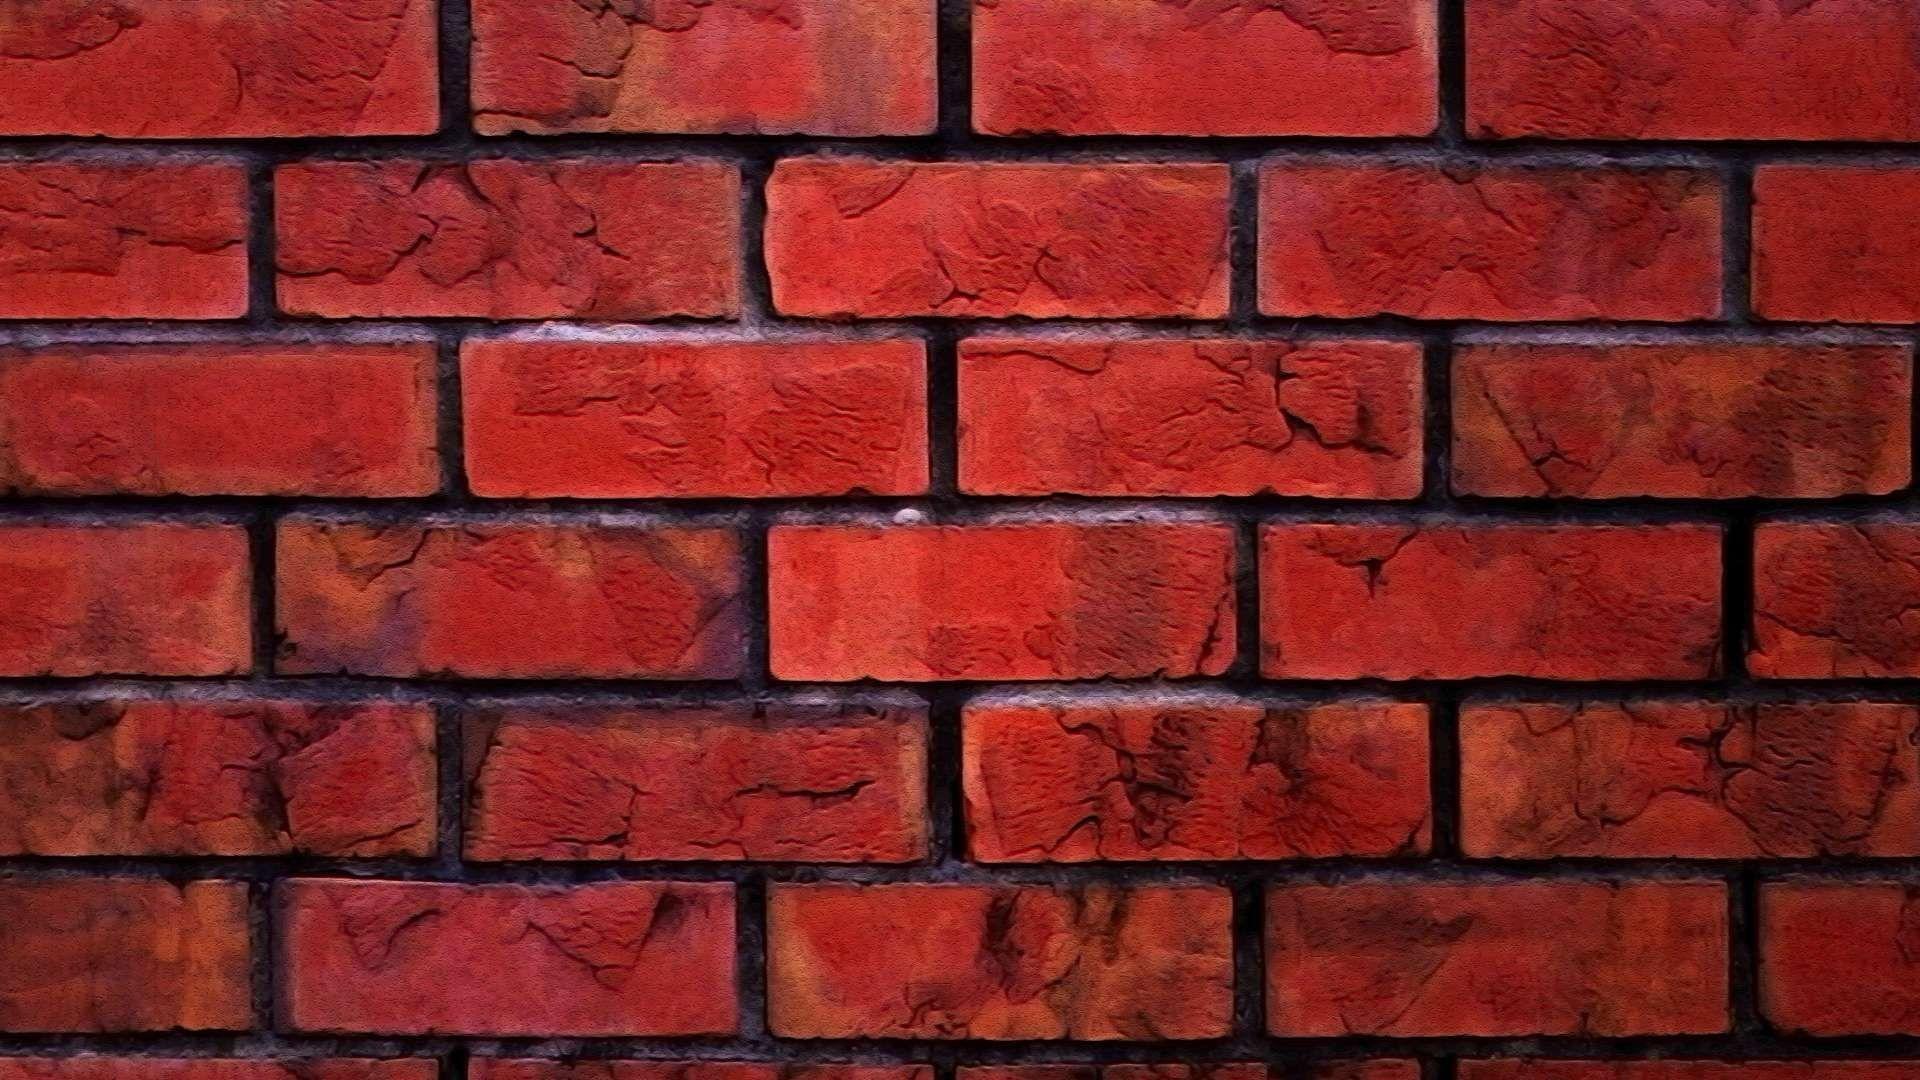 brick picture desktop nexus wallpaper, Radley Gill 2016-03-18